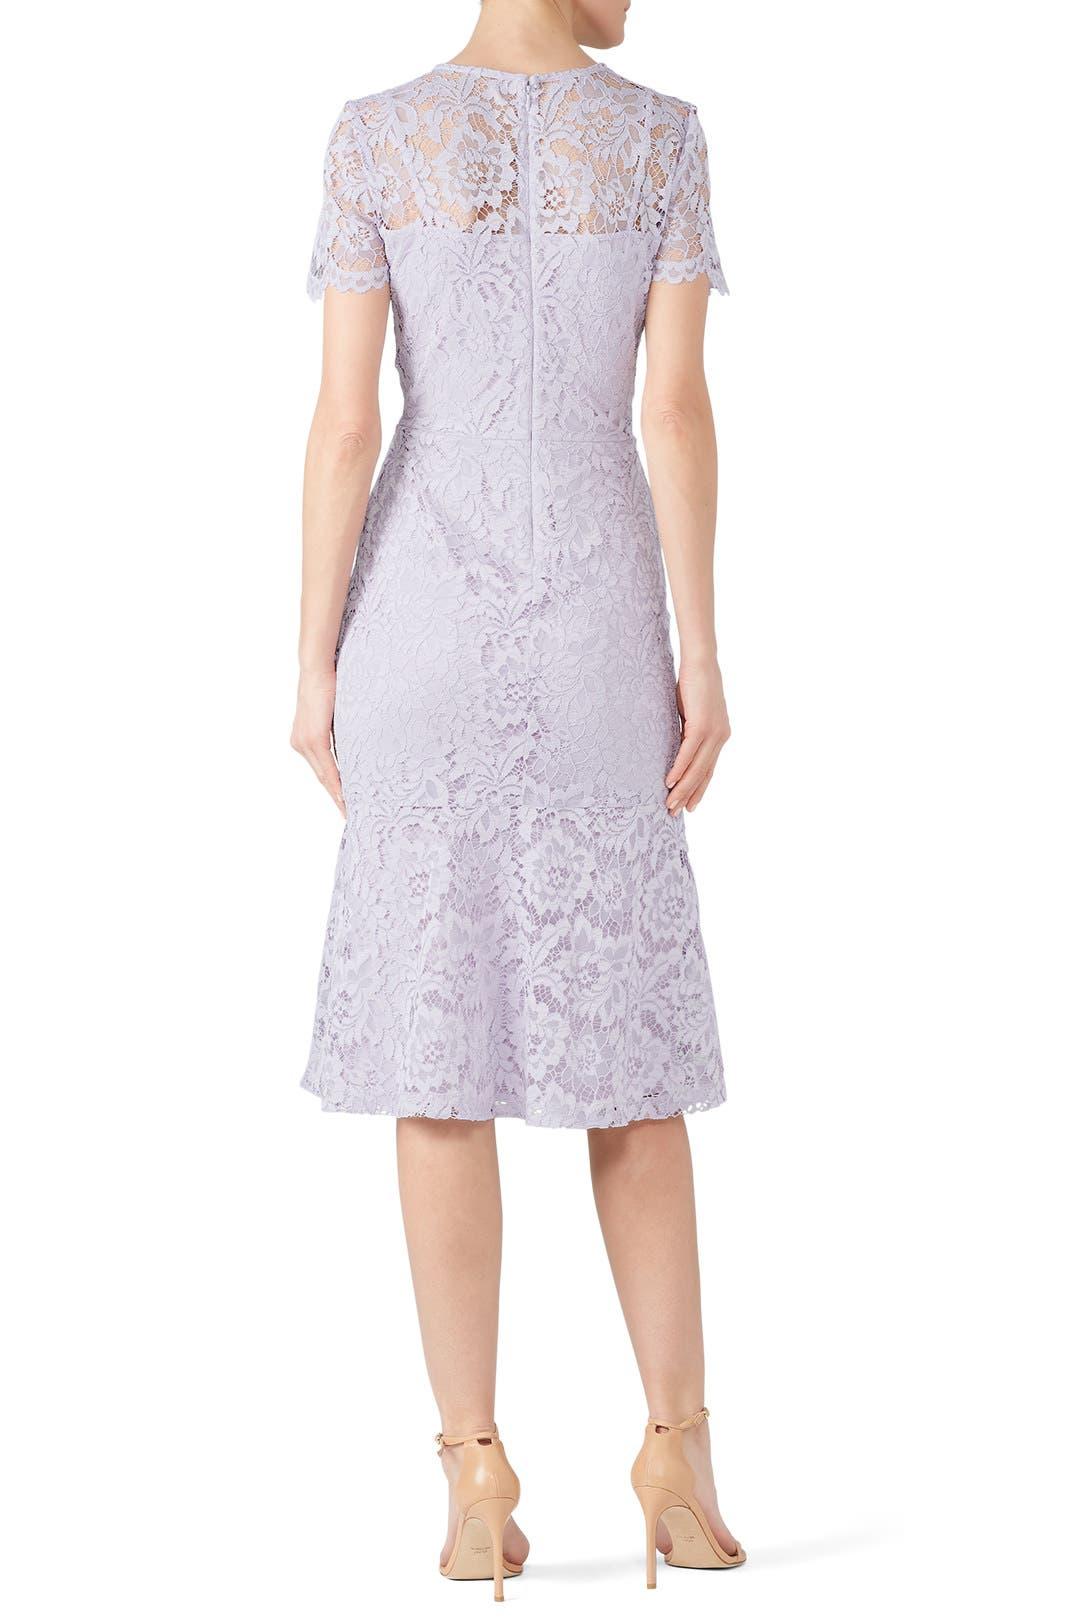 c7b440db68e Loki Dress by Lauren Ralph Lauren for  30